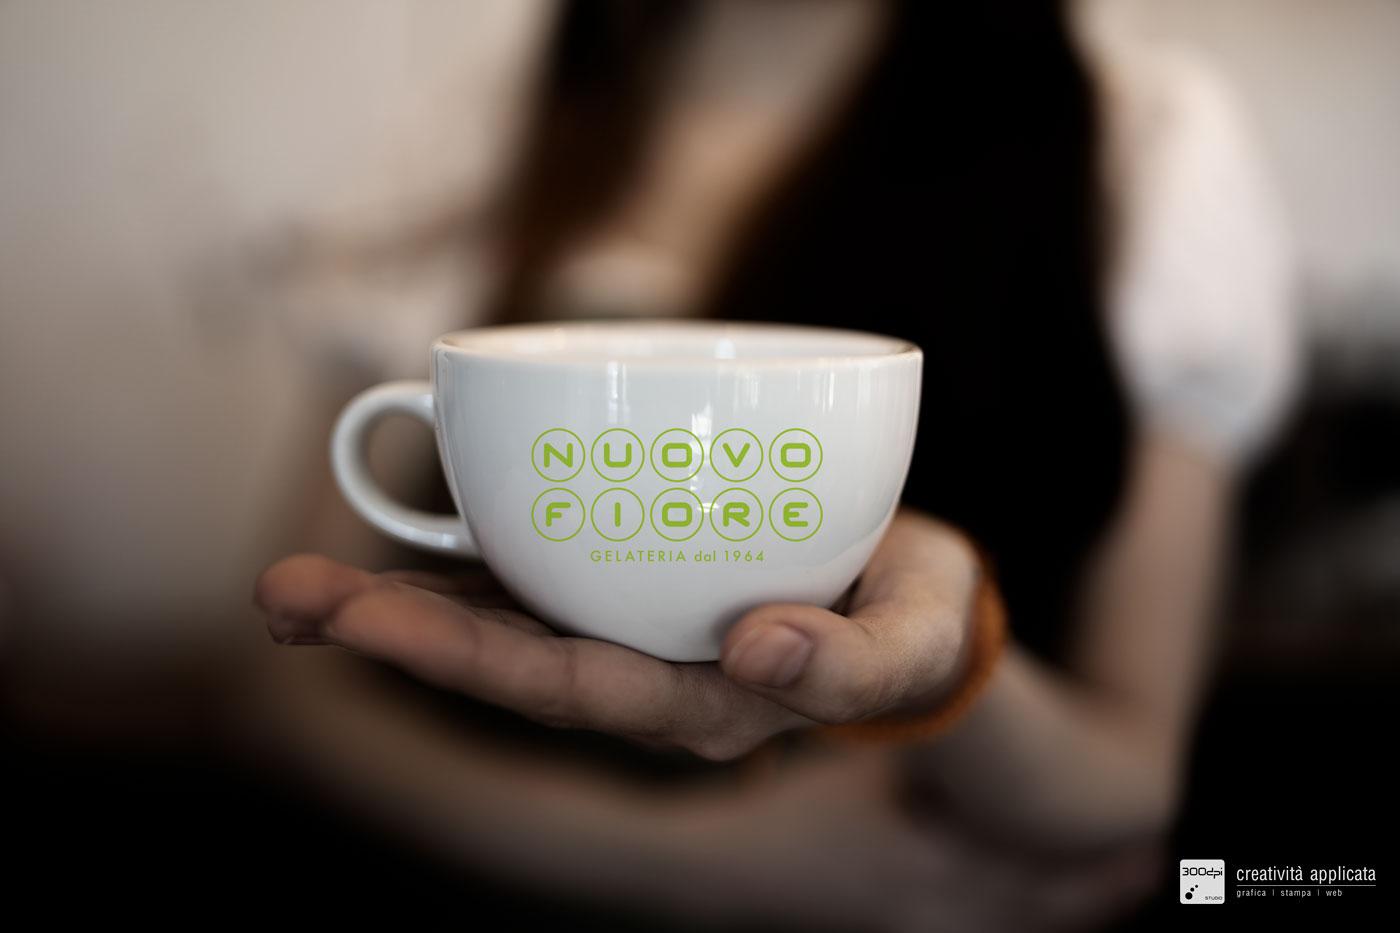 Tazza caffè Gelateria NUOVO FIORE Rimini | 300dpi STUDIO